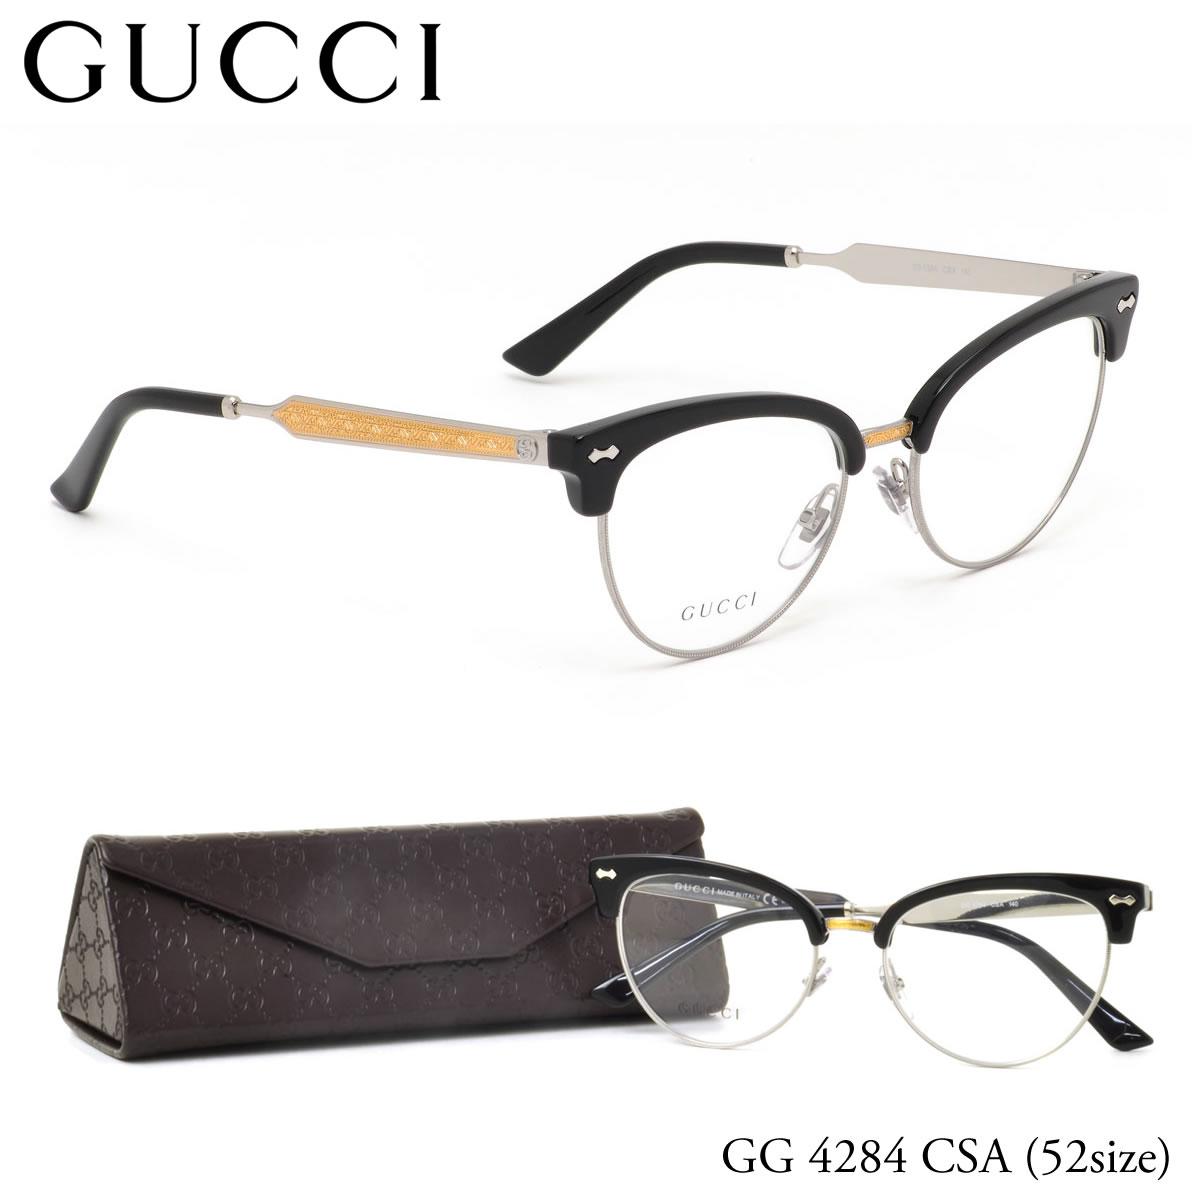 ほぼ全品ポイント15倍~最大43倍+3倍!お得なクーポンも! 【グッチ】 (GUCCI) メガネGG4284 CSA 52サイズ フォックス GUCCI 伊達メガネレンズ無料 メンズ レディース